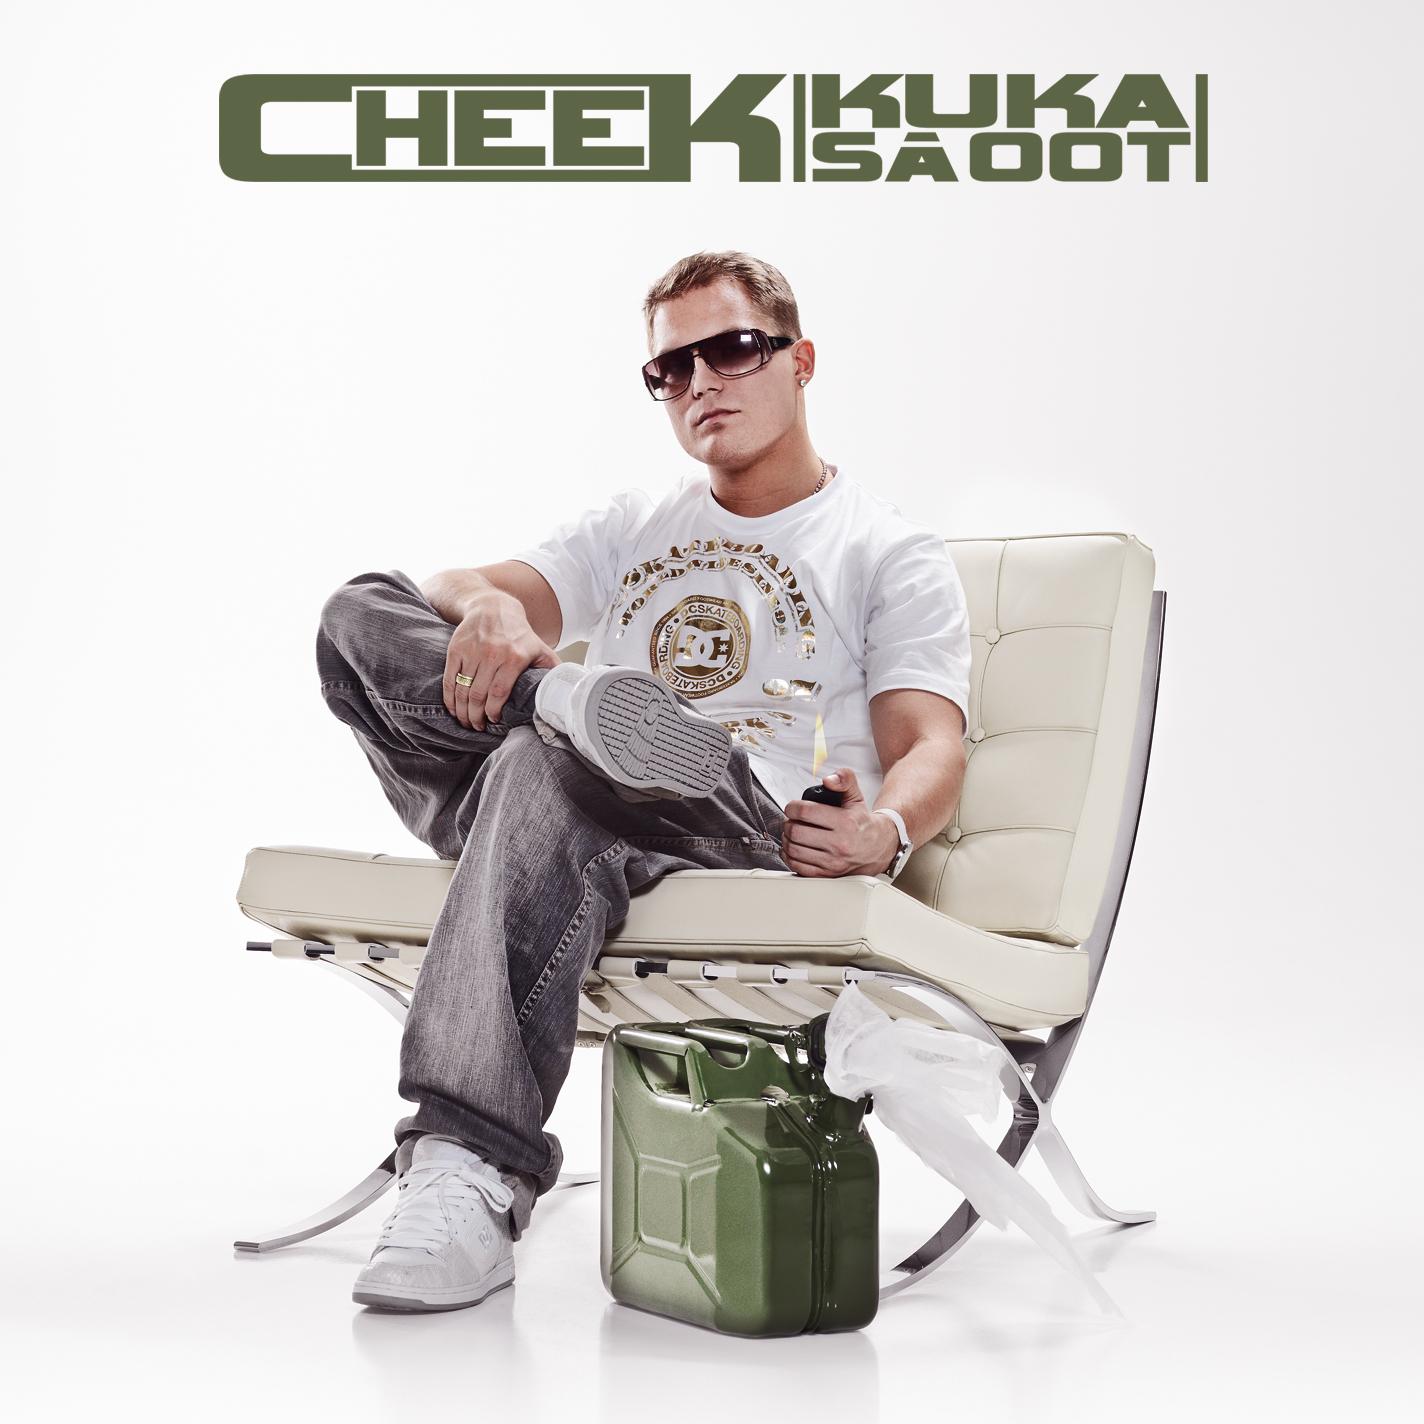 Cheek Levyt